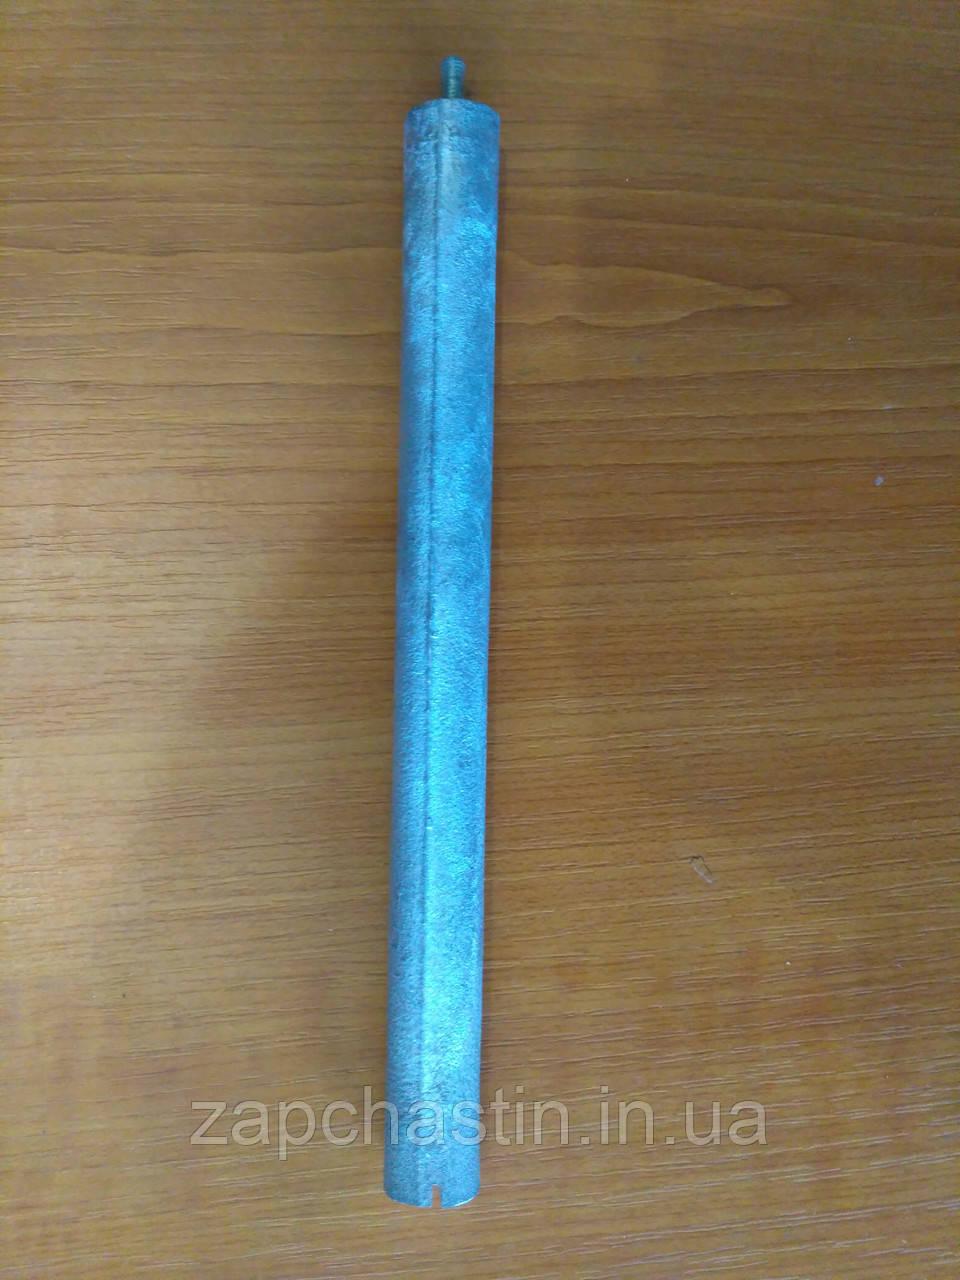 Анод магнієвий Італія М6, L-200, ніжка коротка